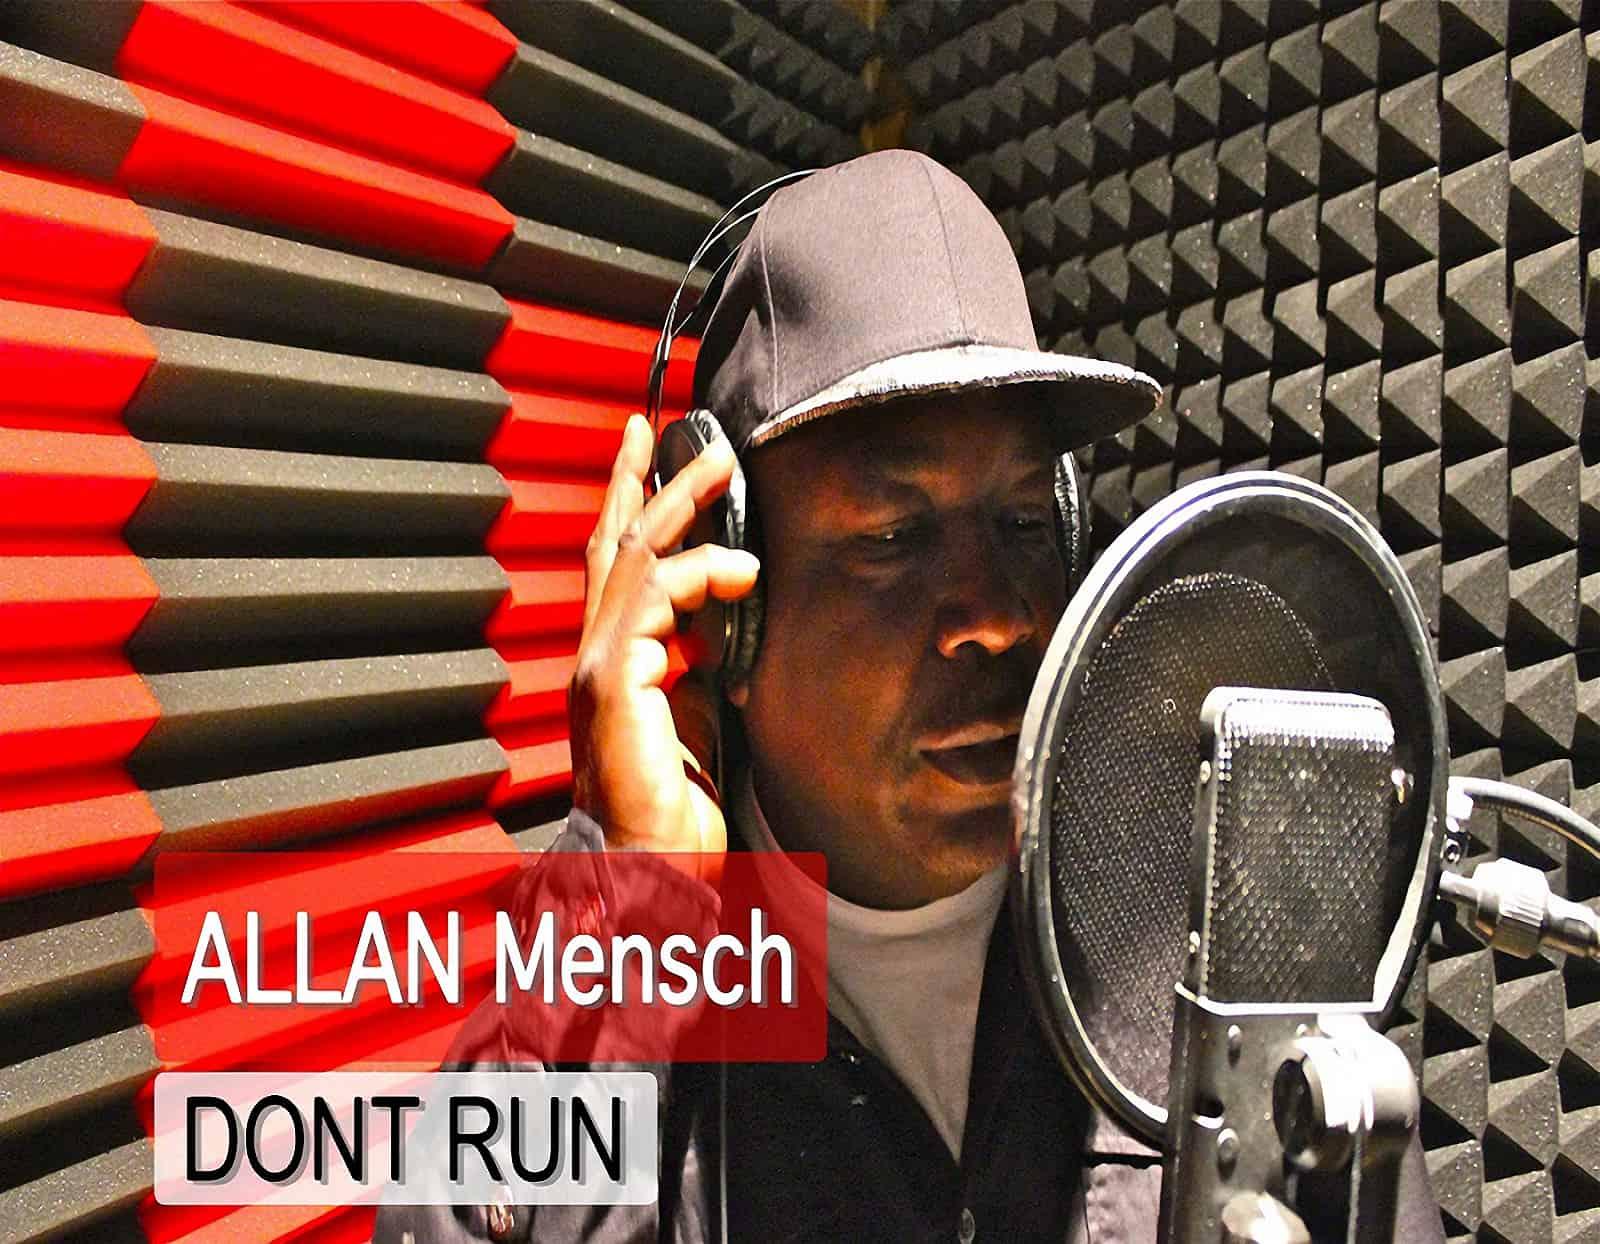 Allan Mensch - Dont Run - Tropic Vibez Studio